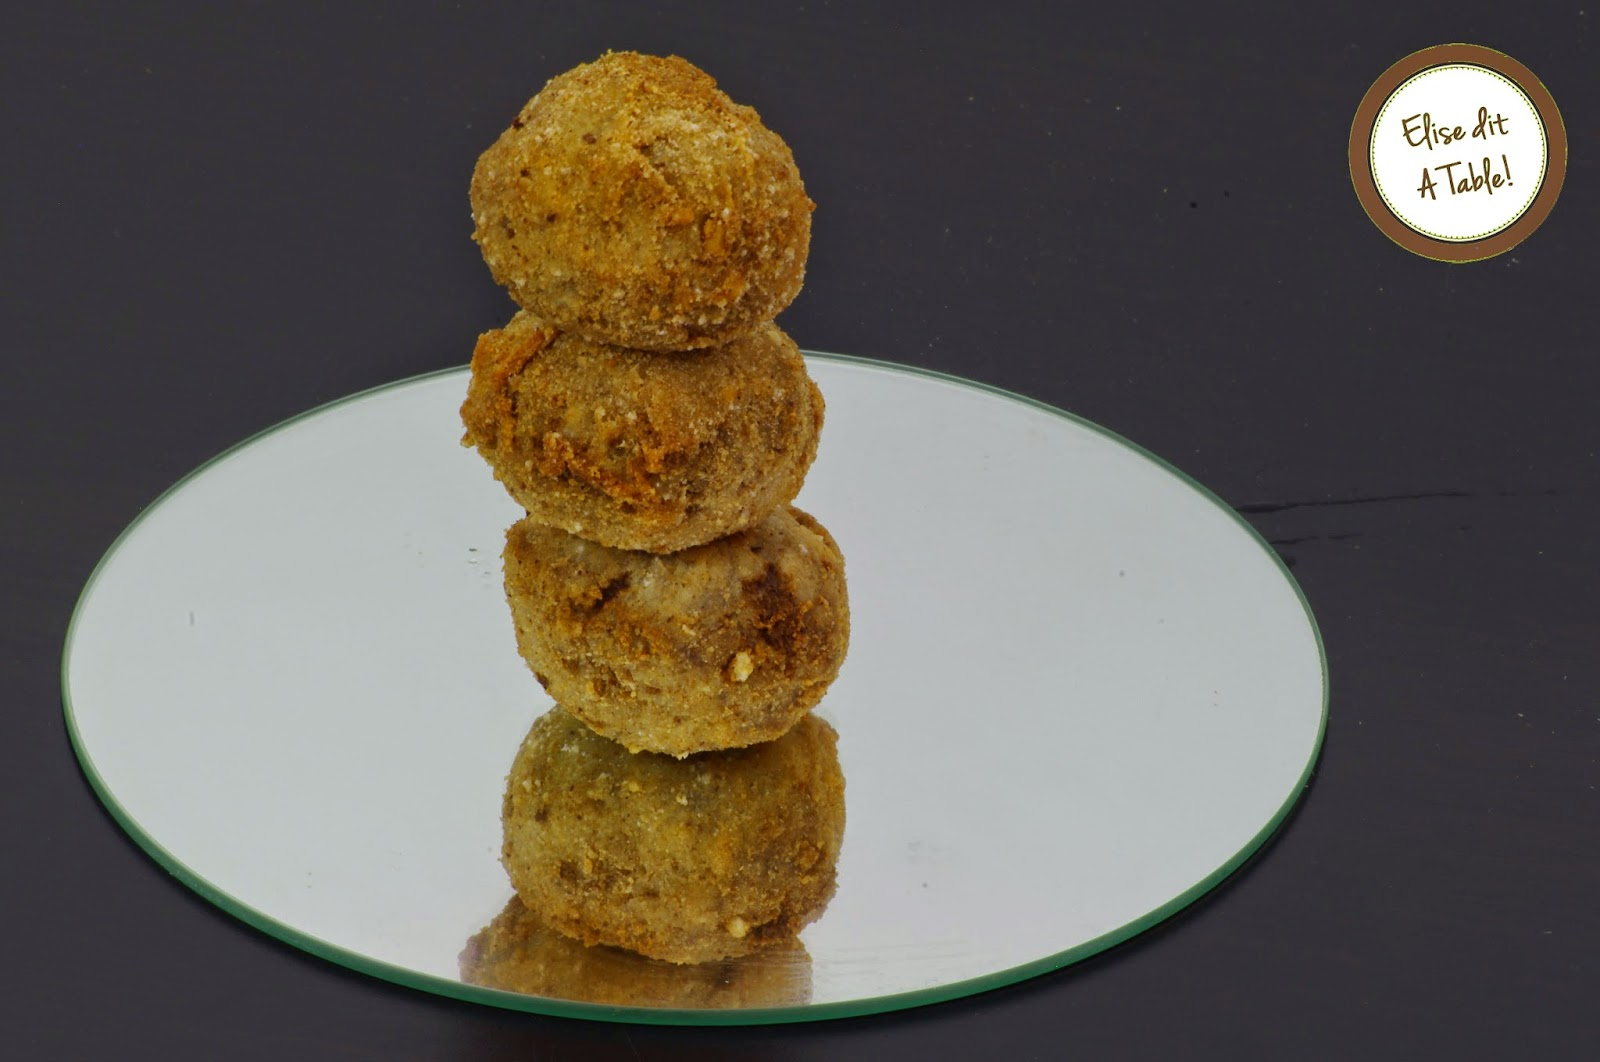 recette turque boulette kofte